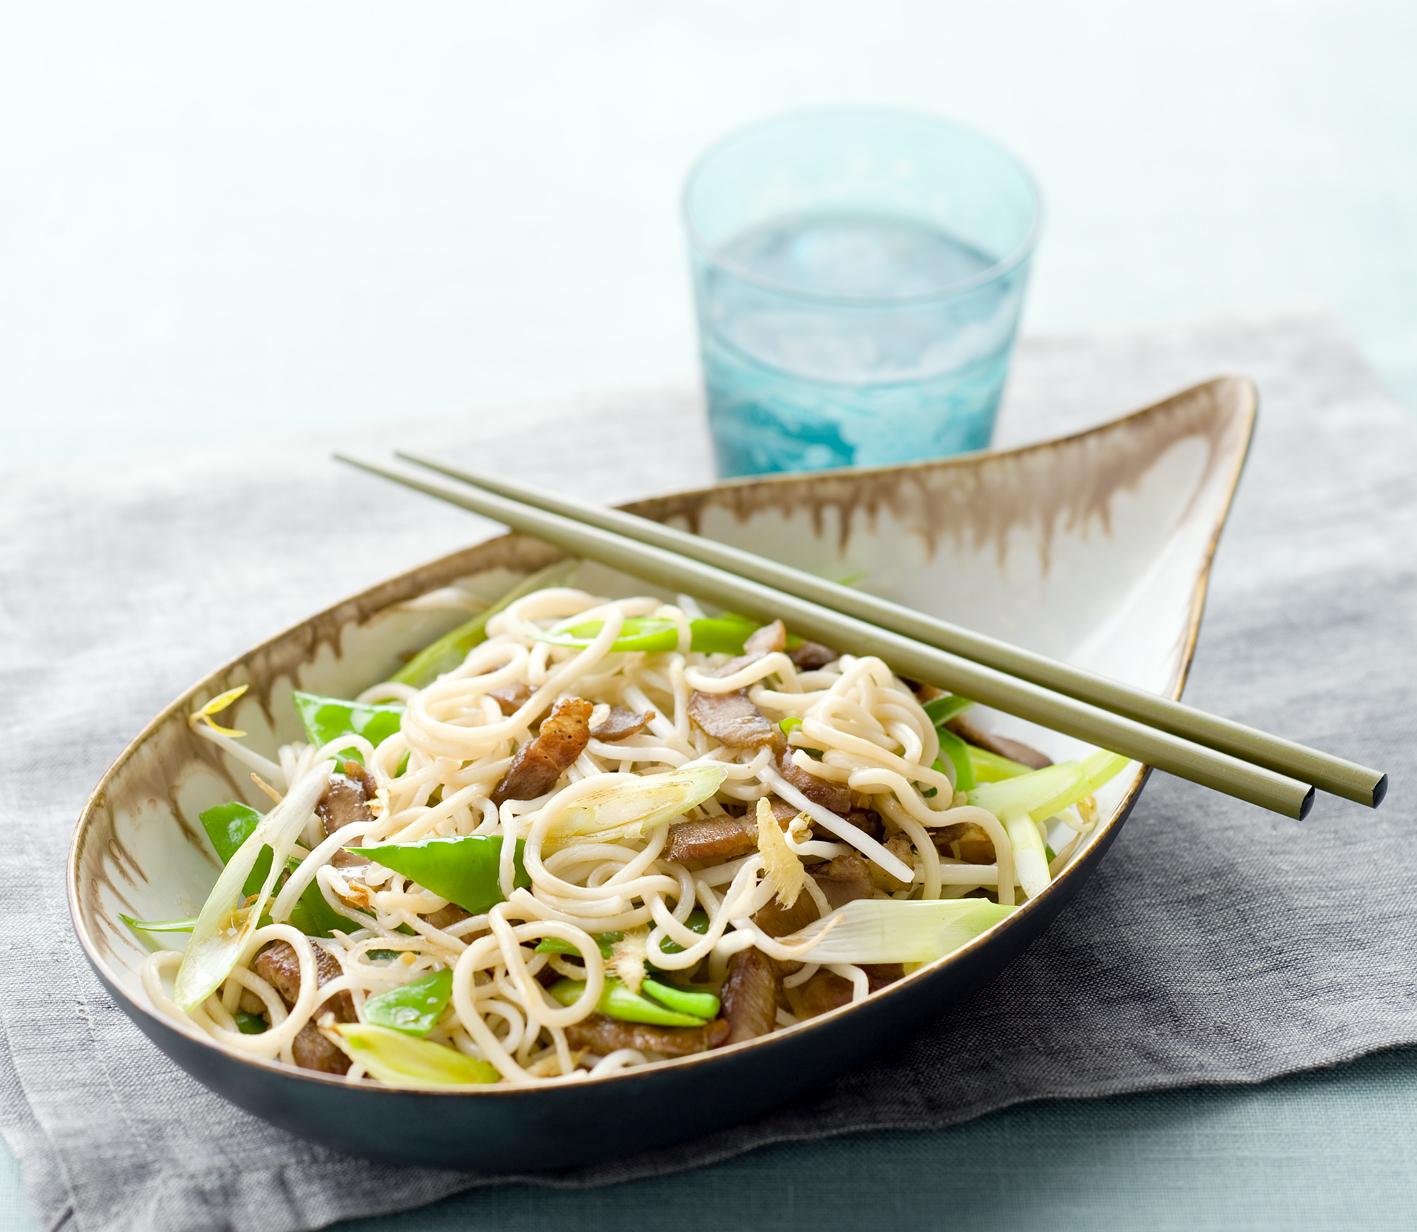 uit de Chinese wok